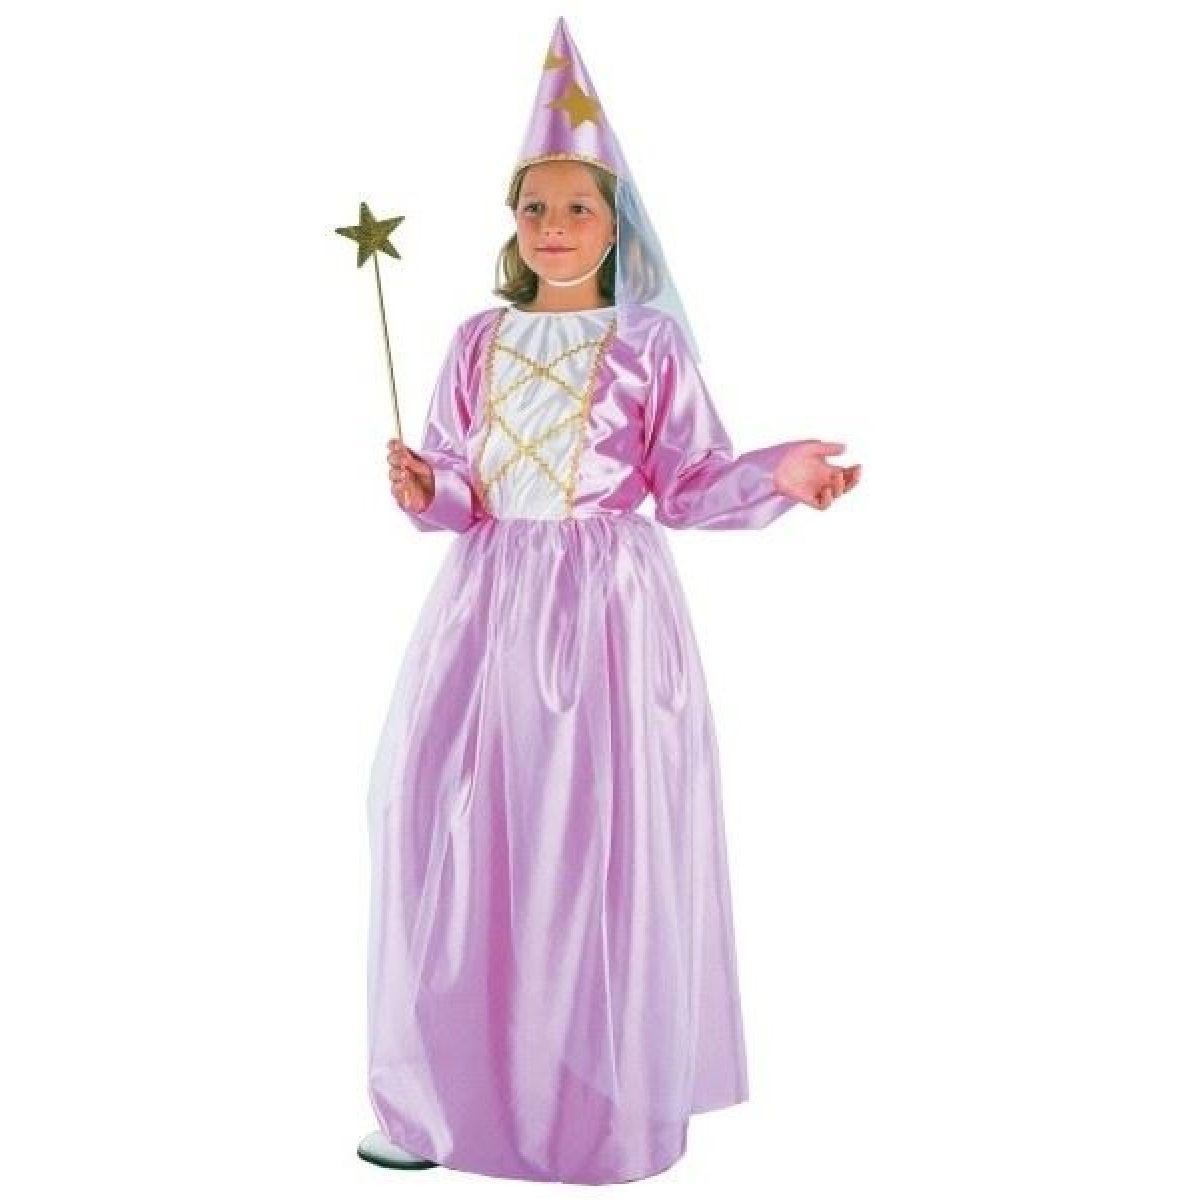 Made Detský kostým Víla s klobúkom 110-120cm